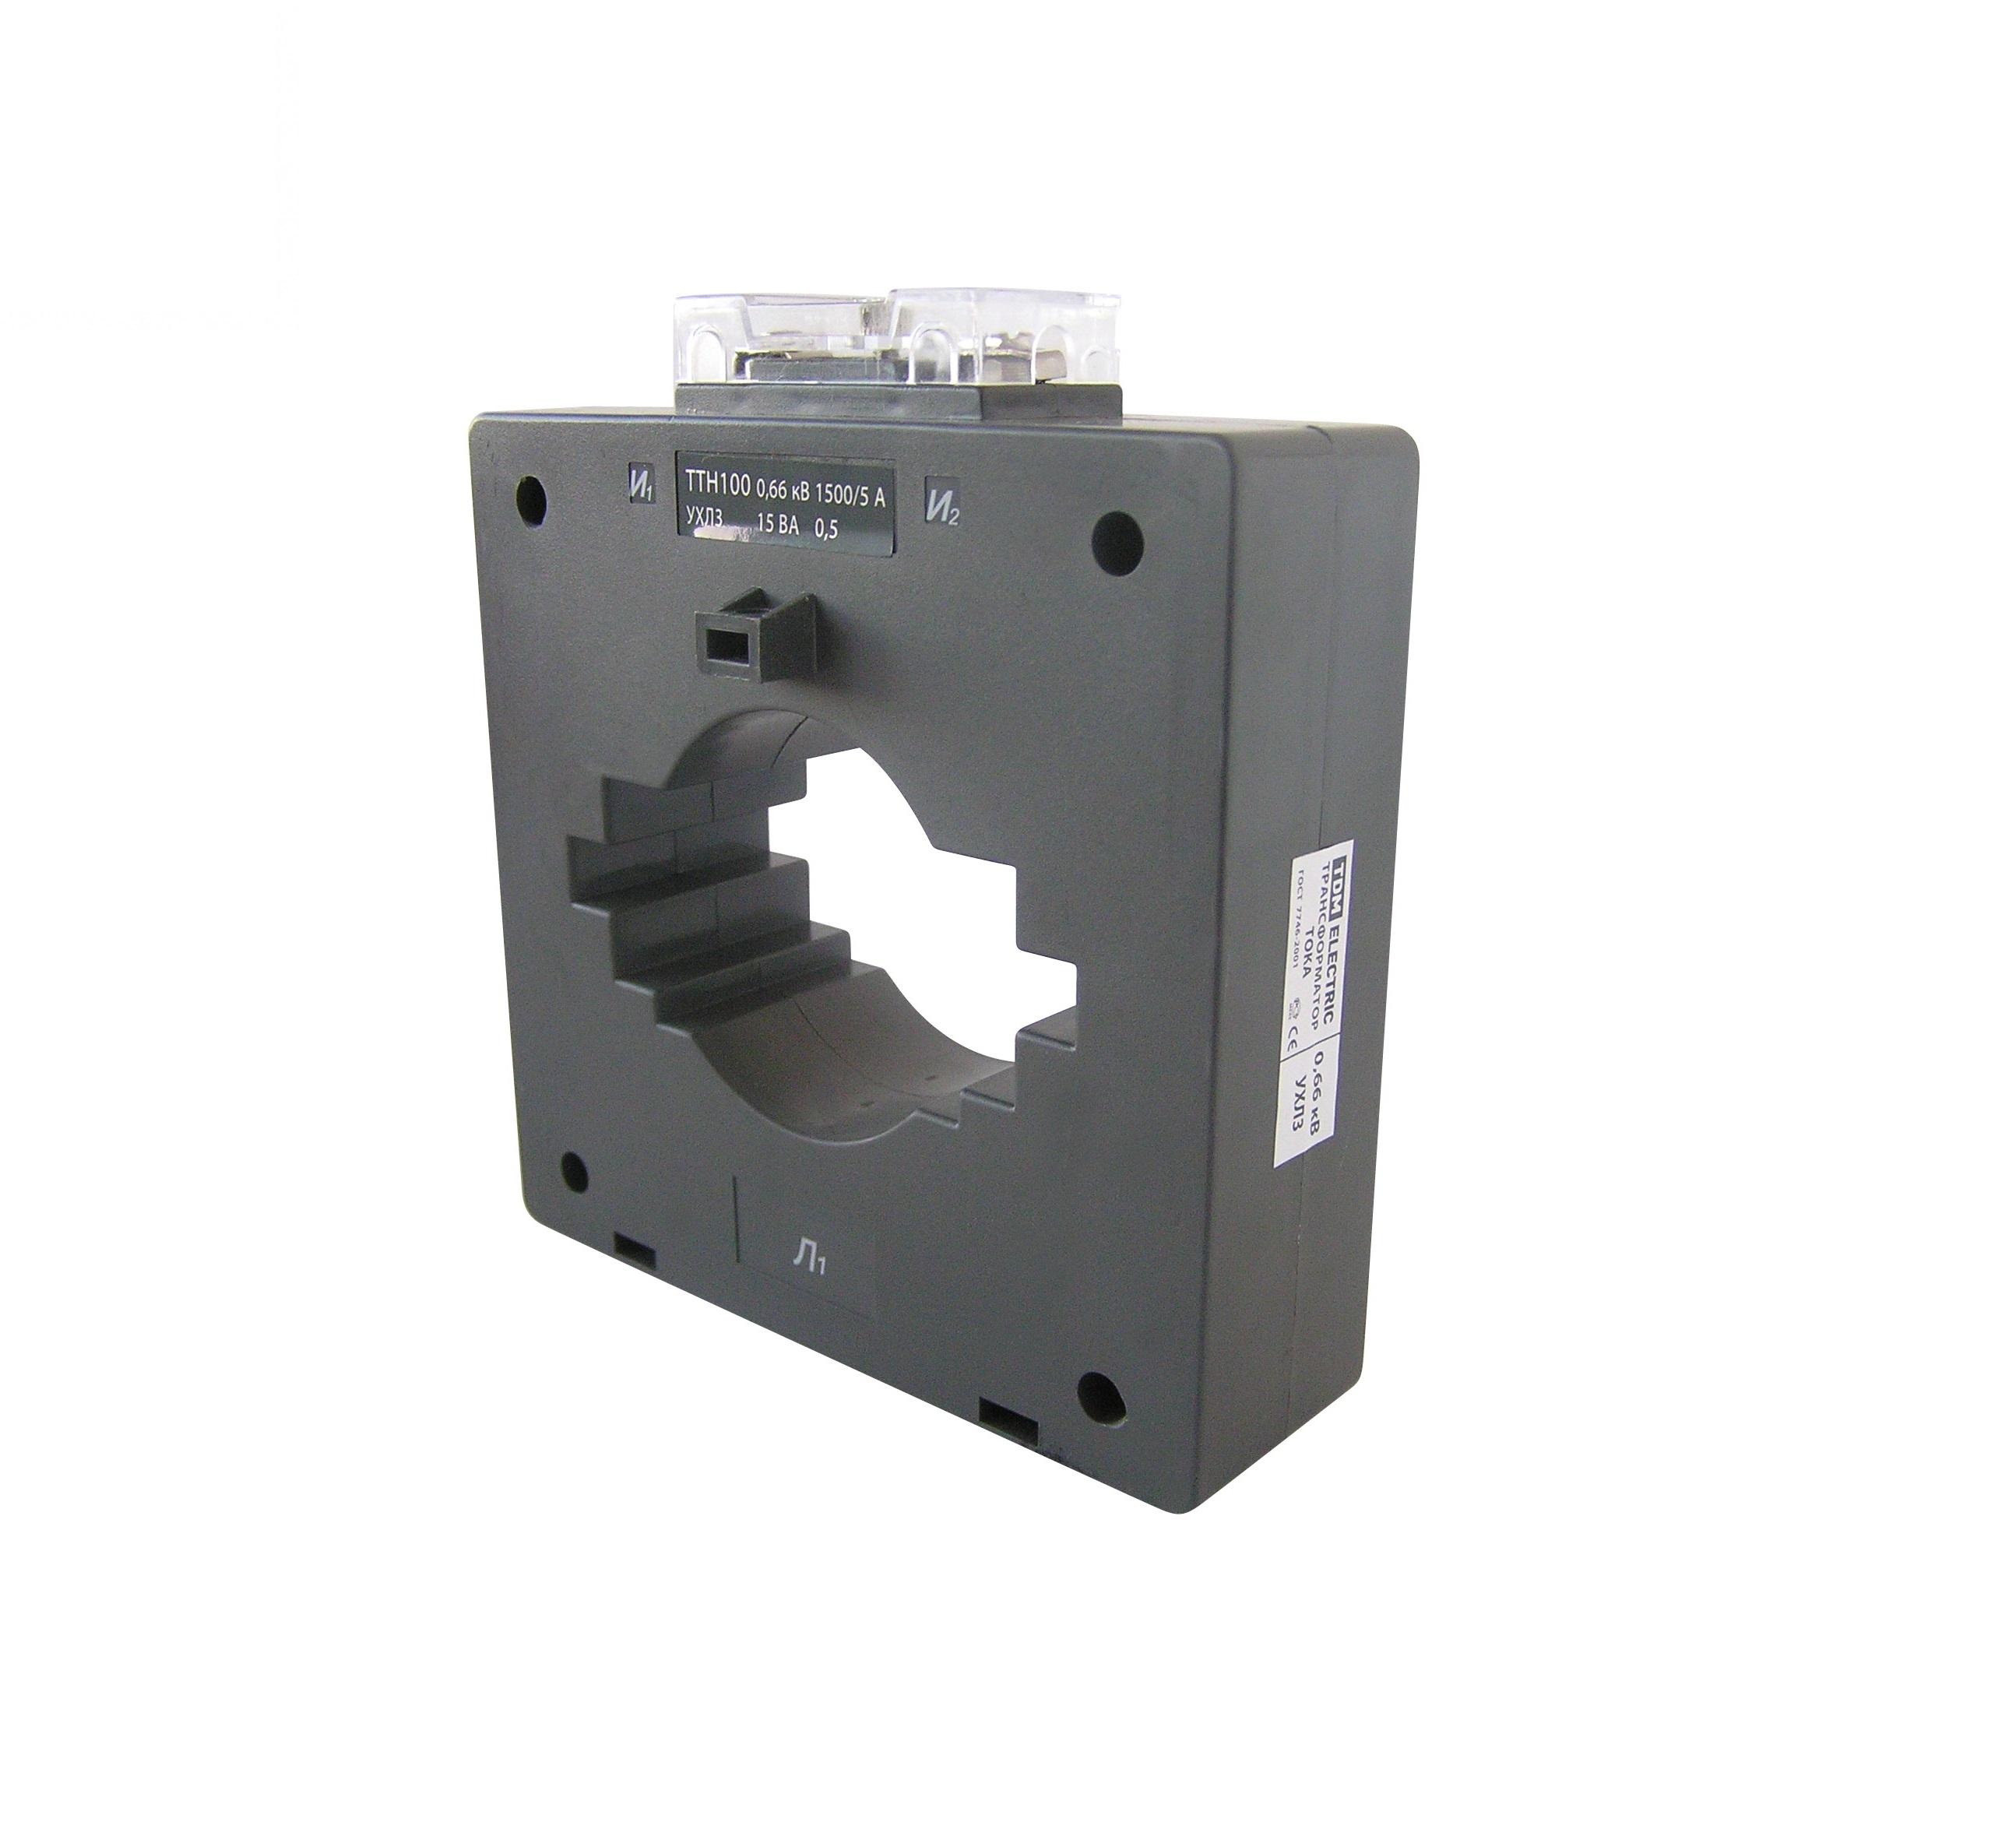 купить Трансформатор Tdm Sq1101-0142 дешево